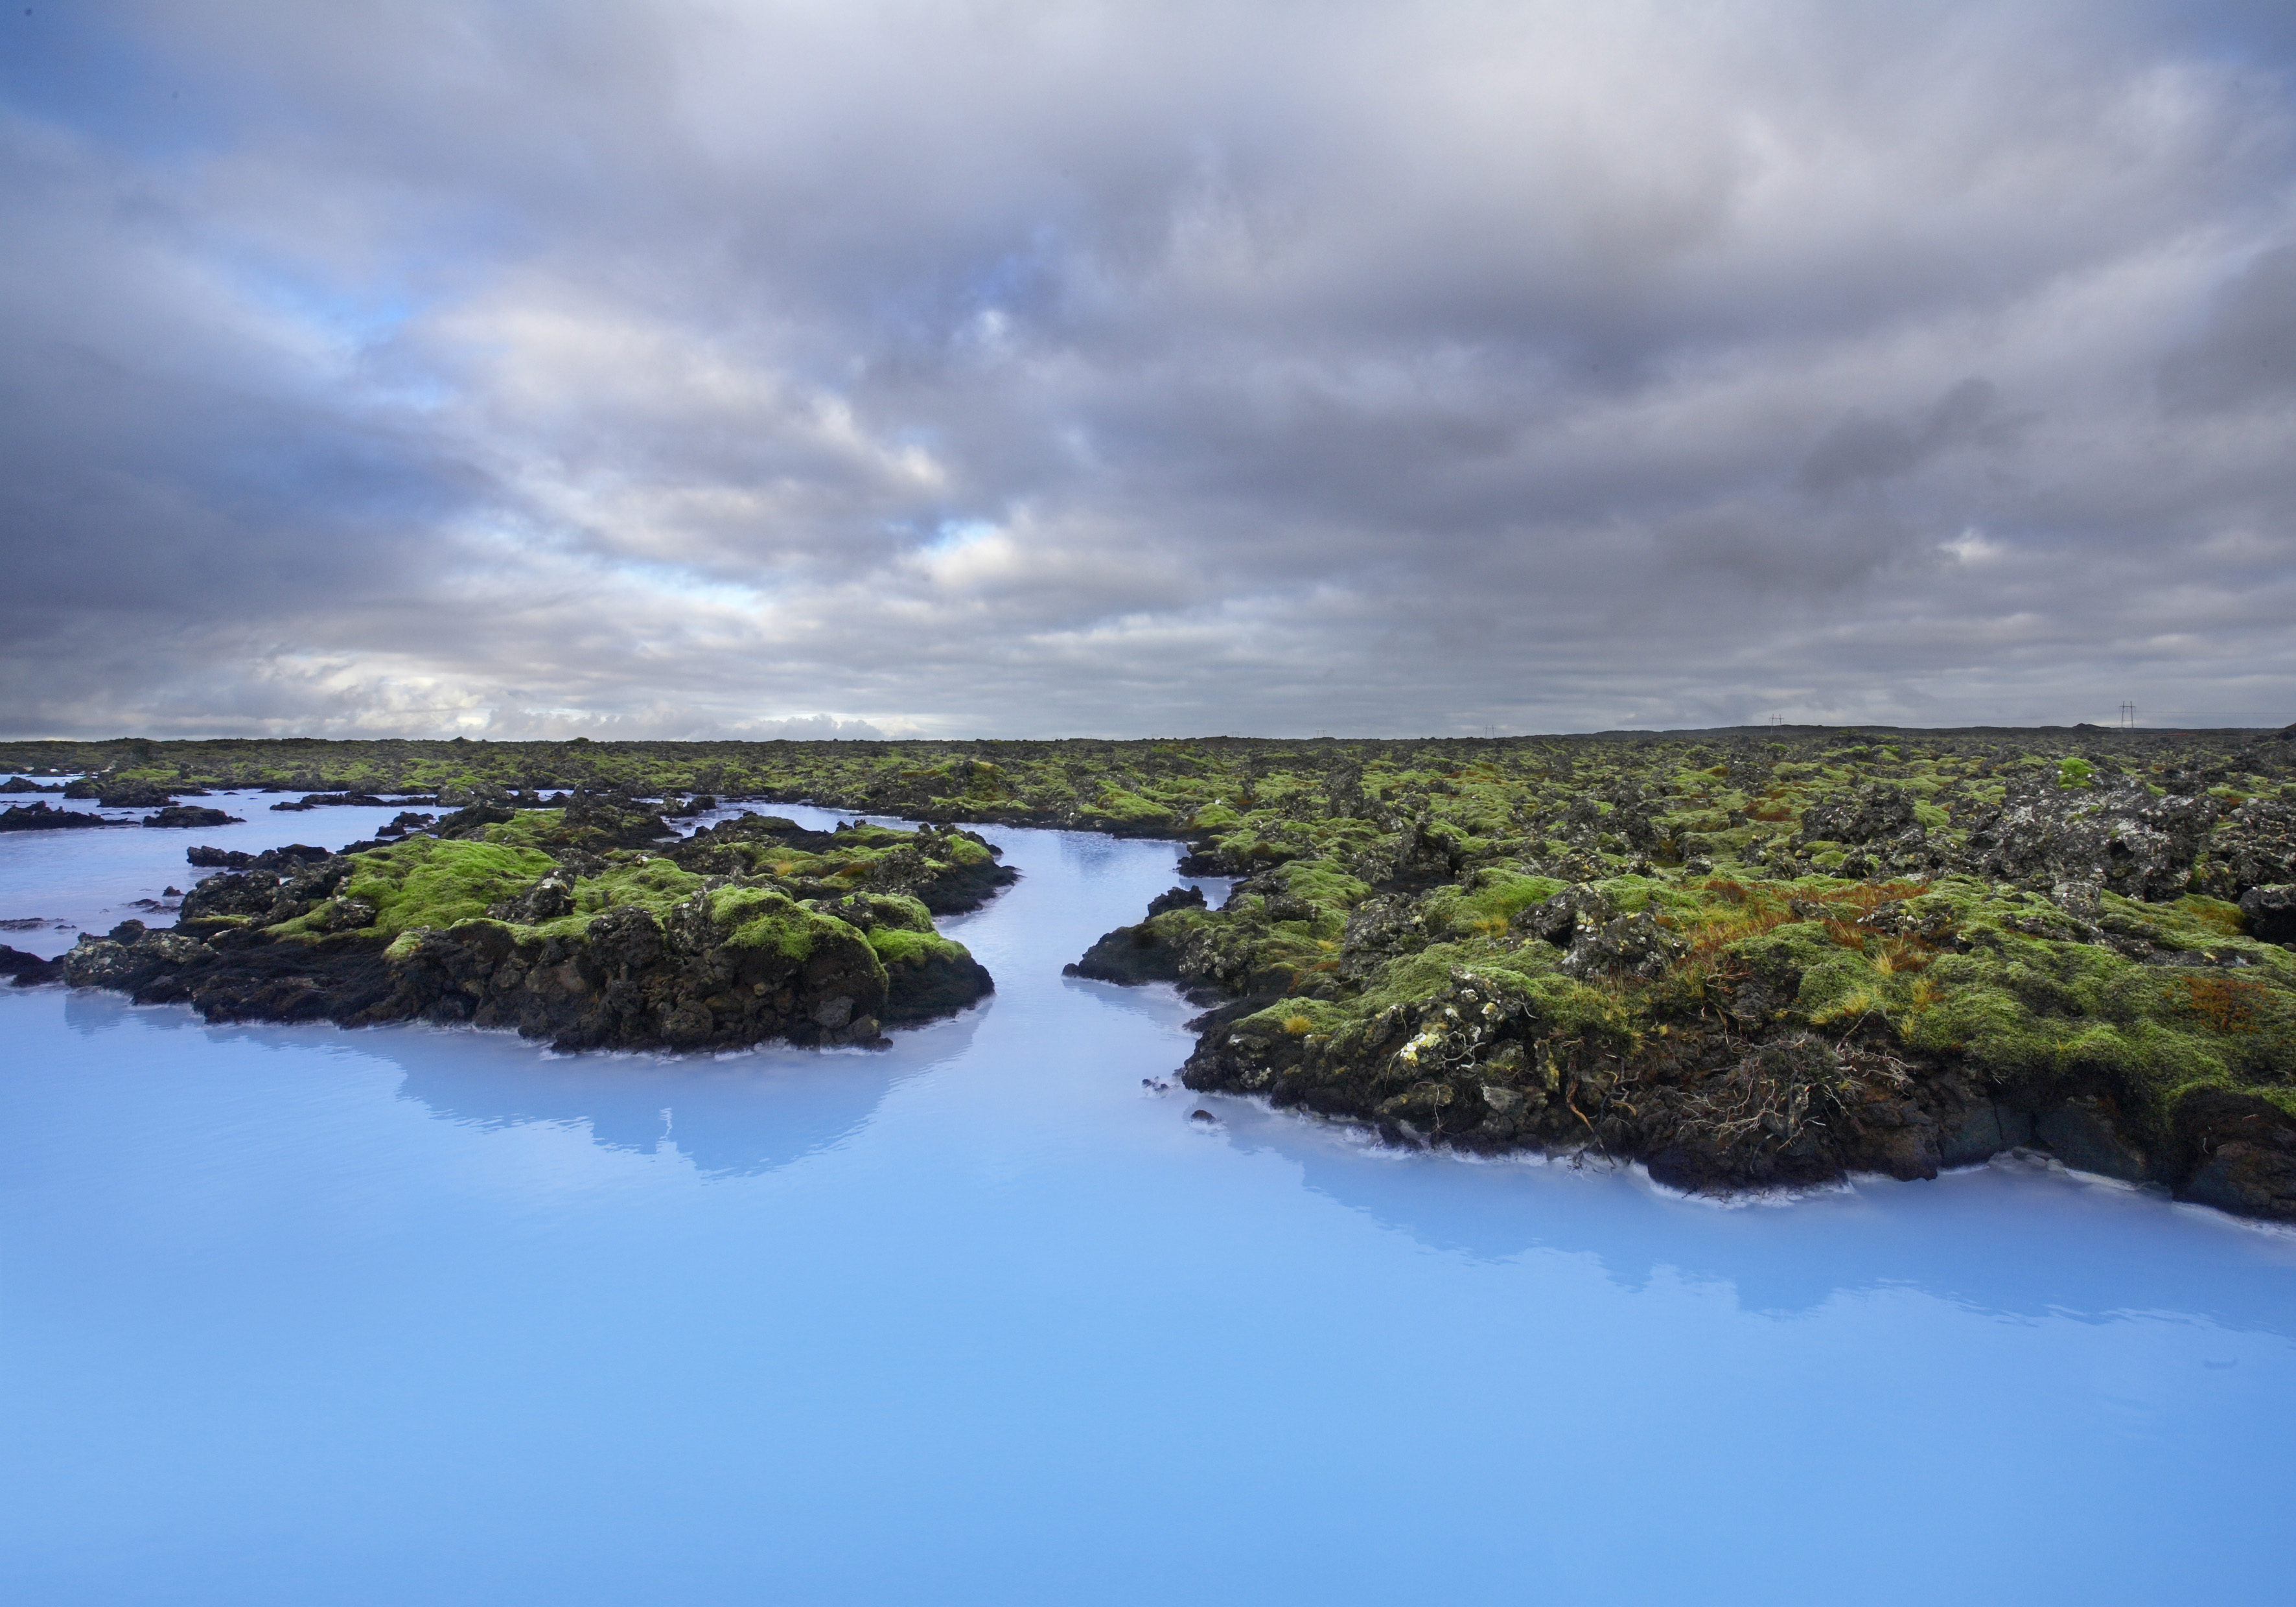 Das milchige Wasser der Blauen Lagune mitten im Lavafeld in Island